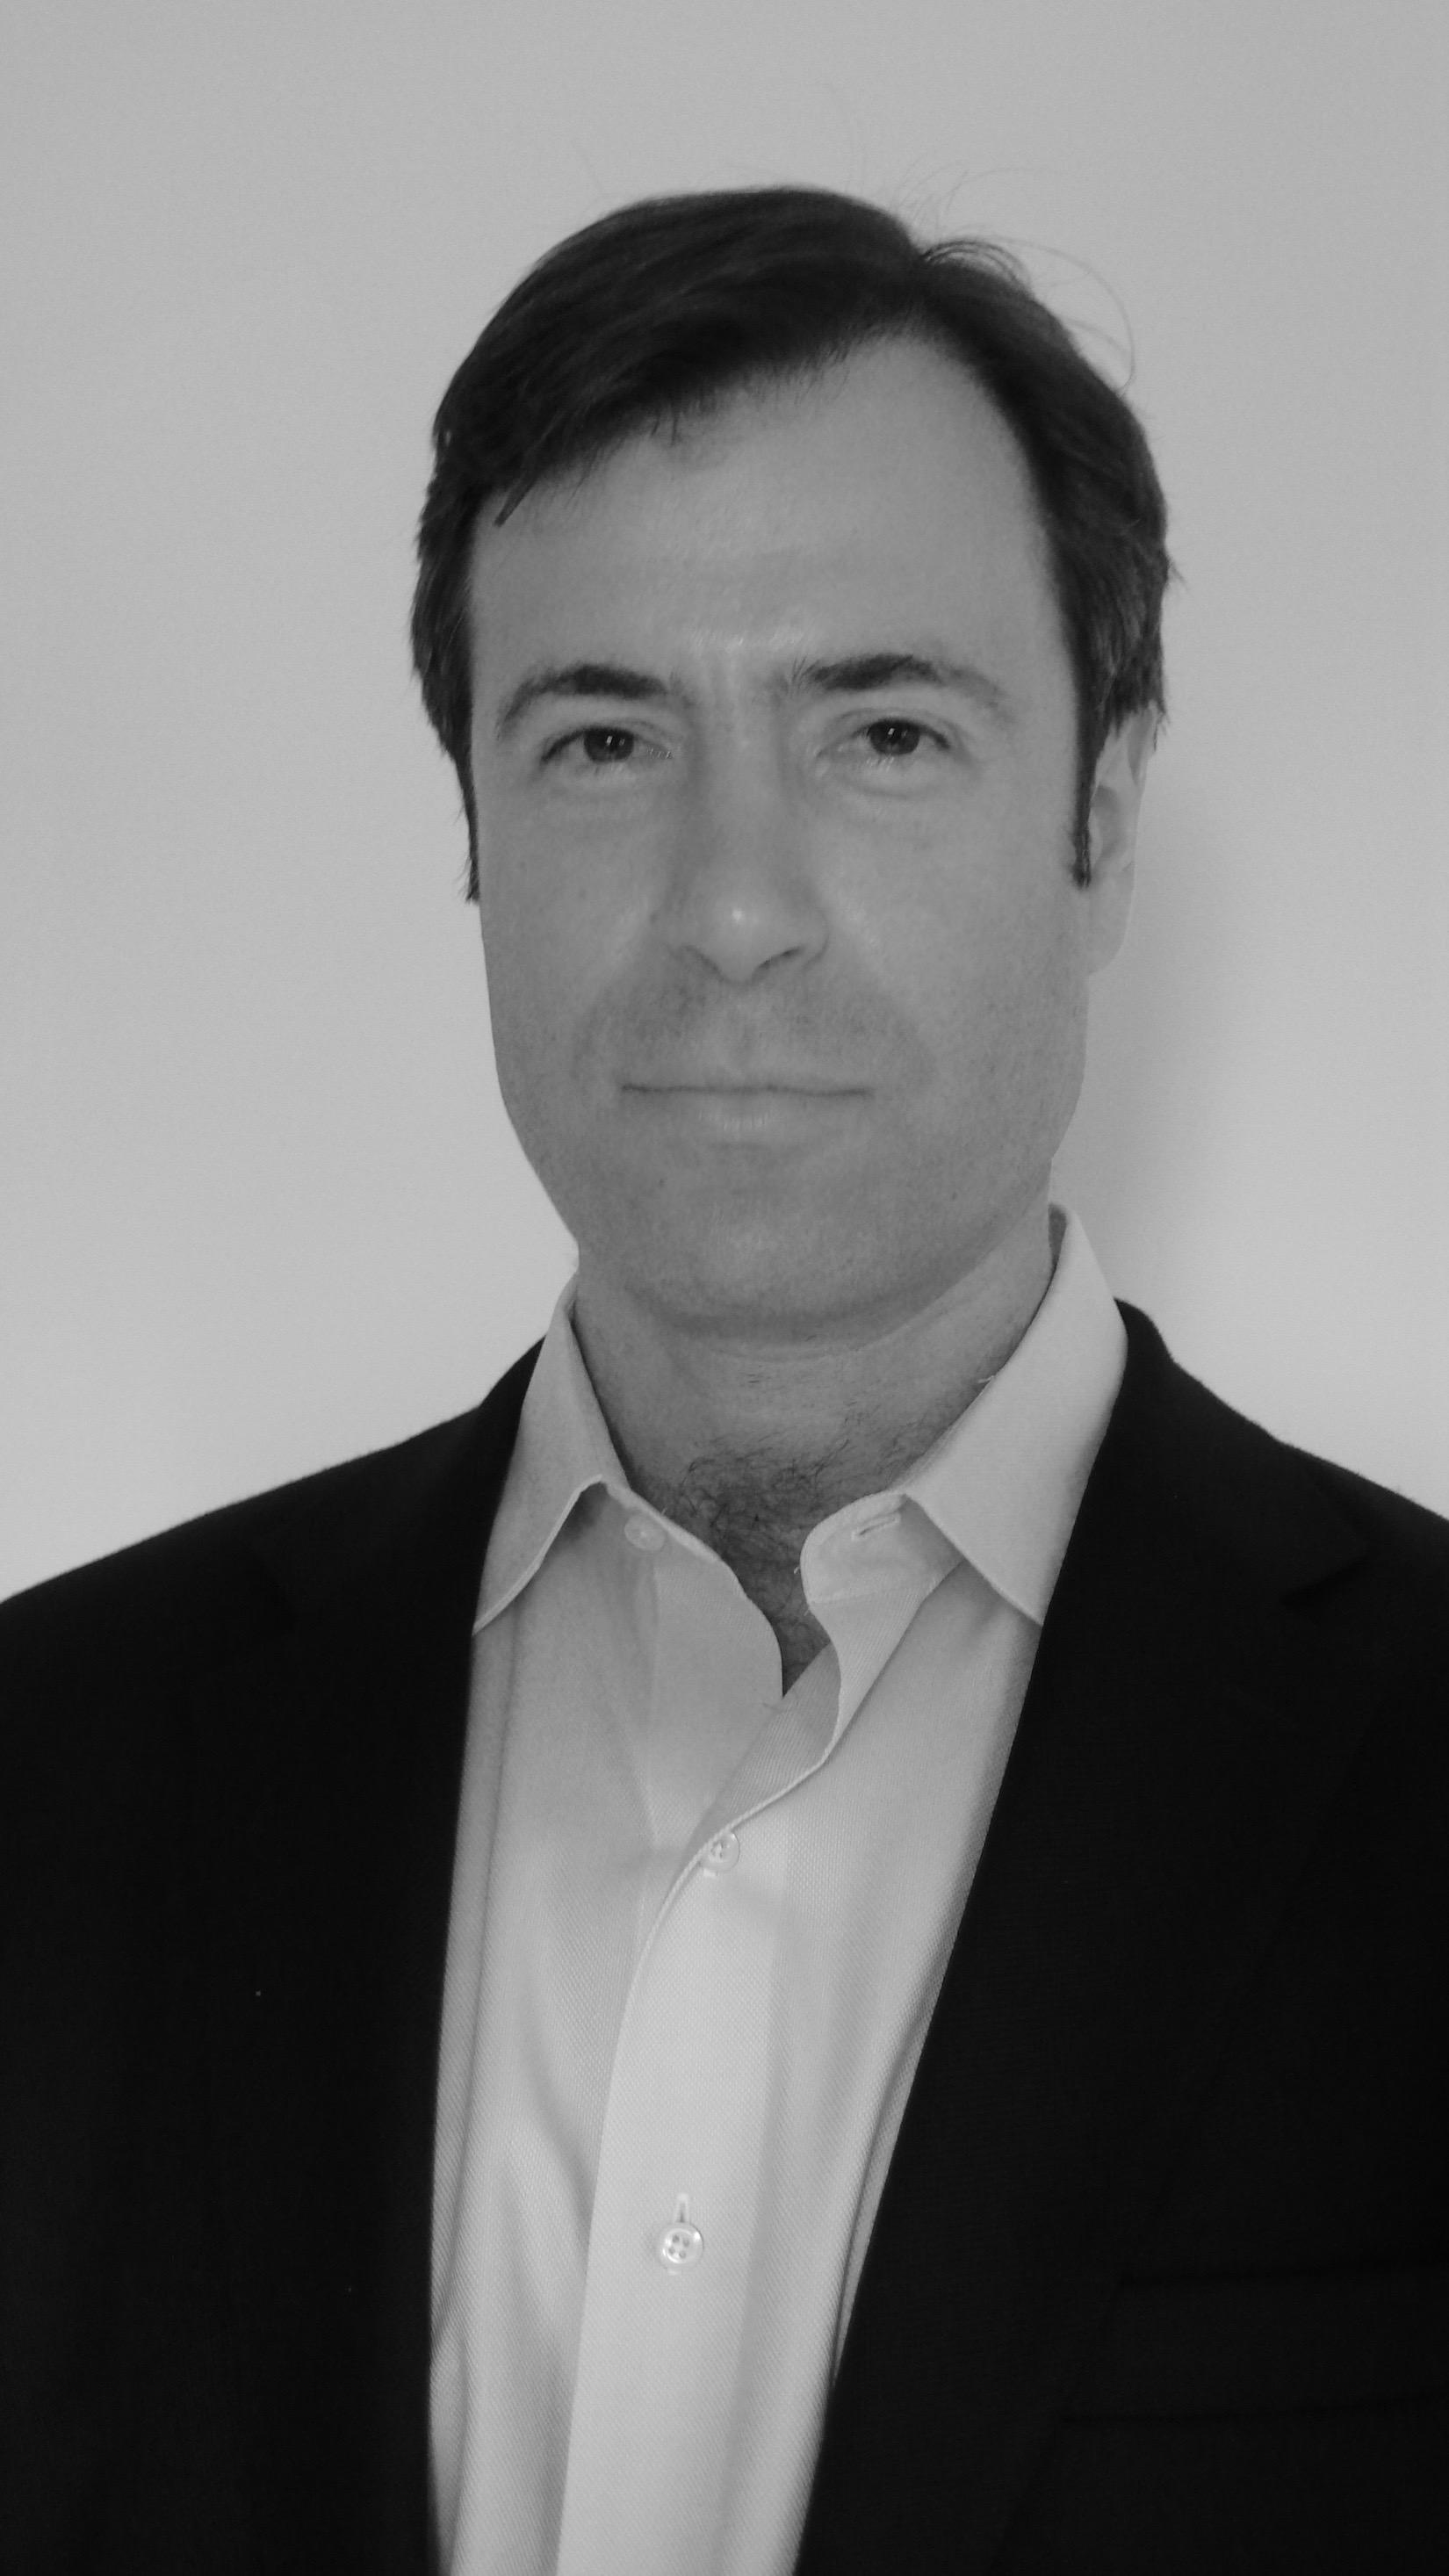 Michael Zigman